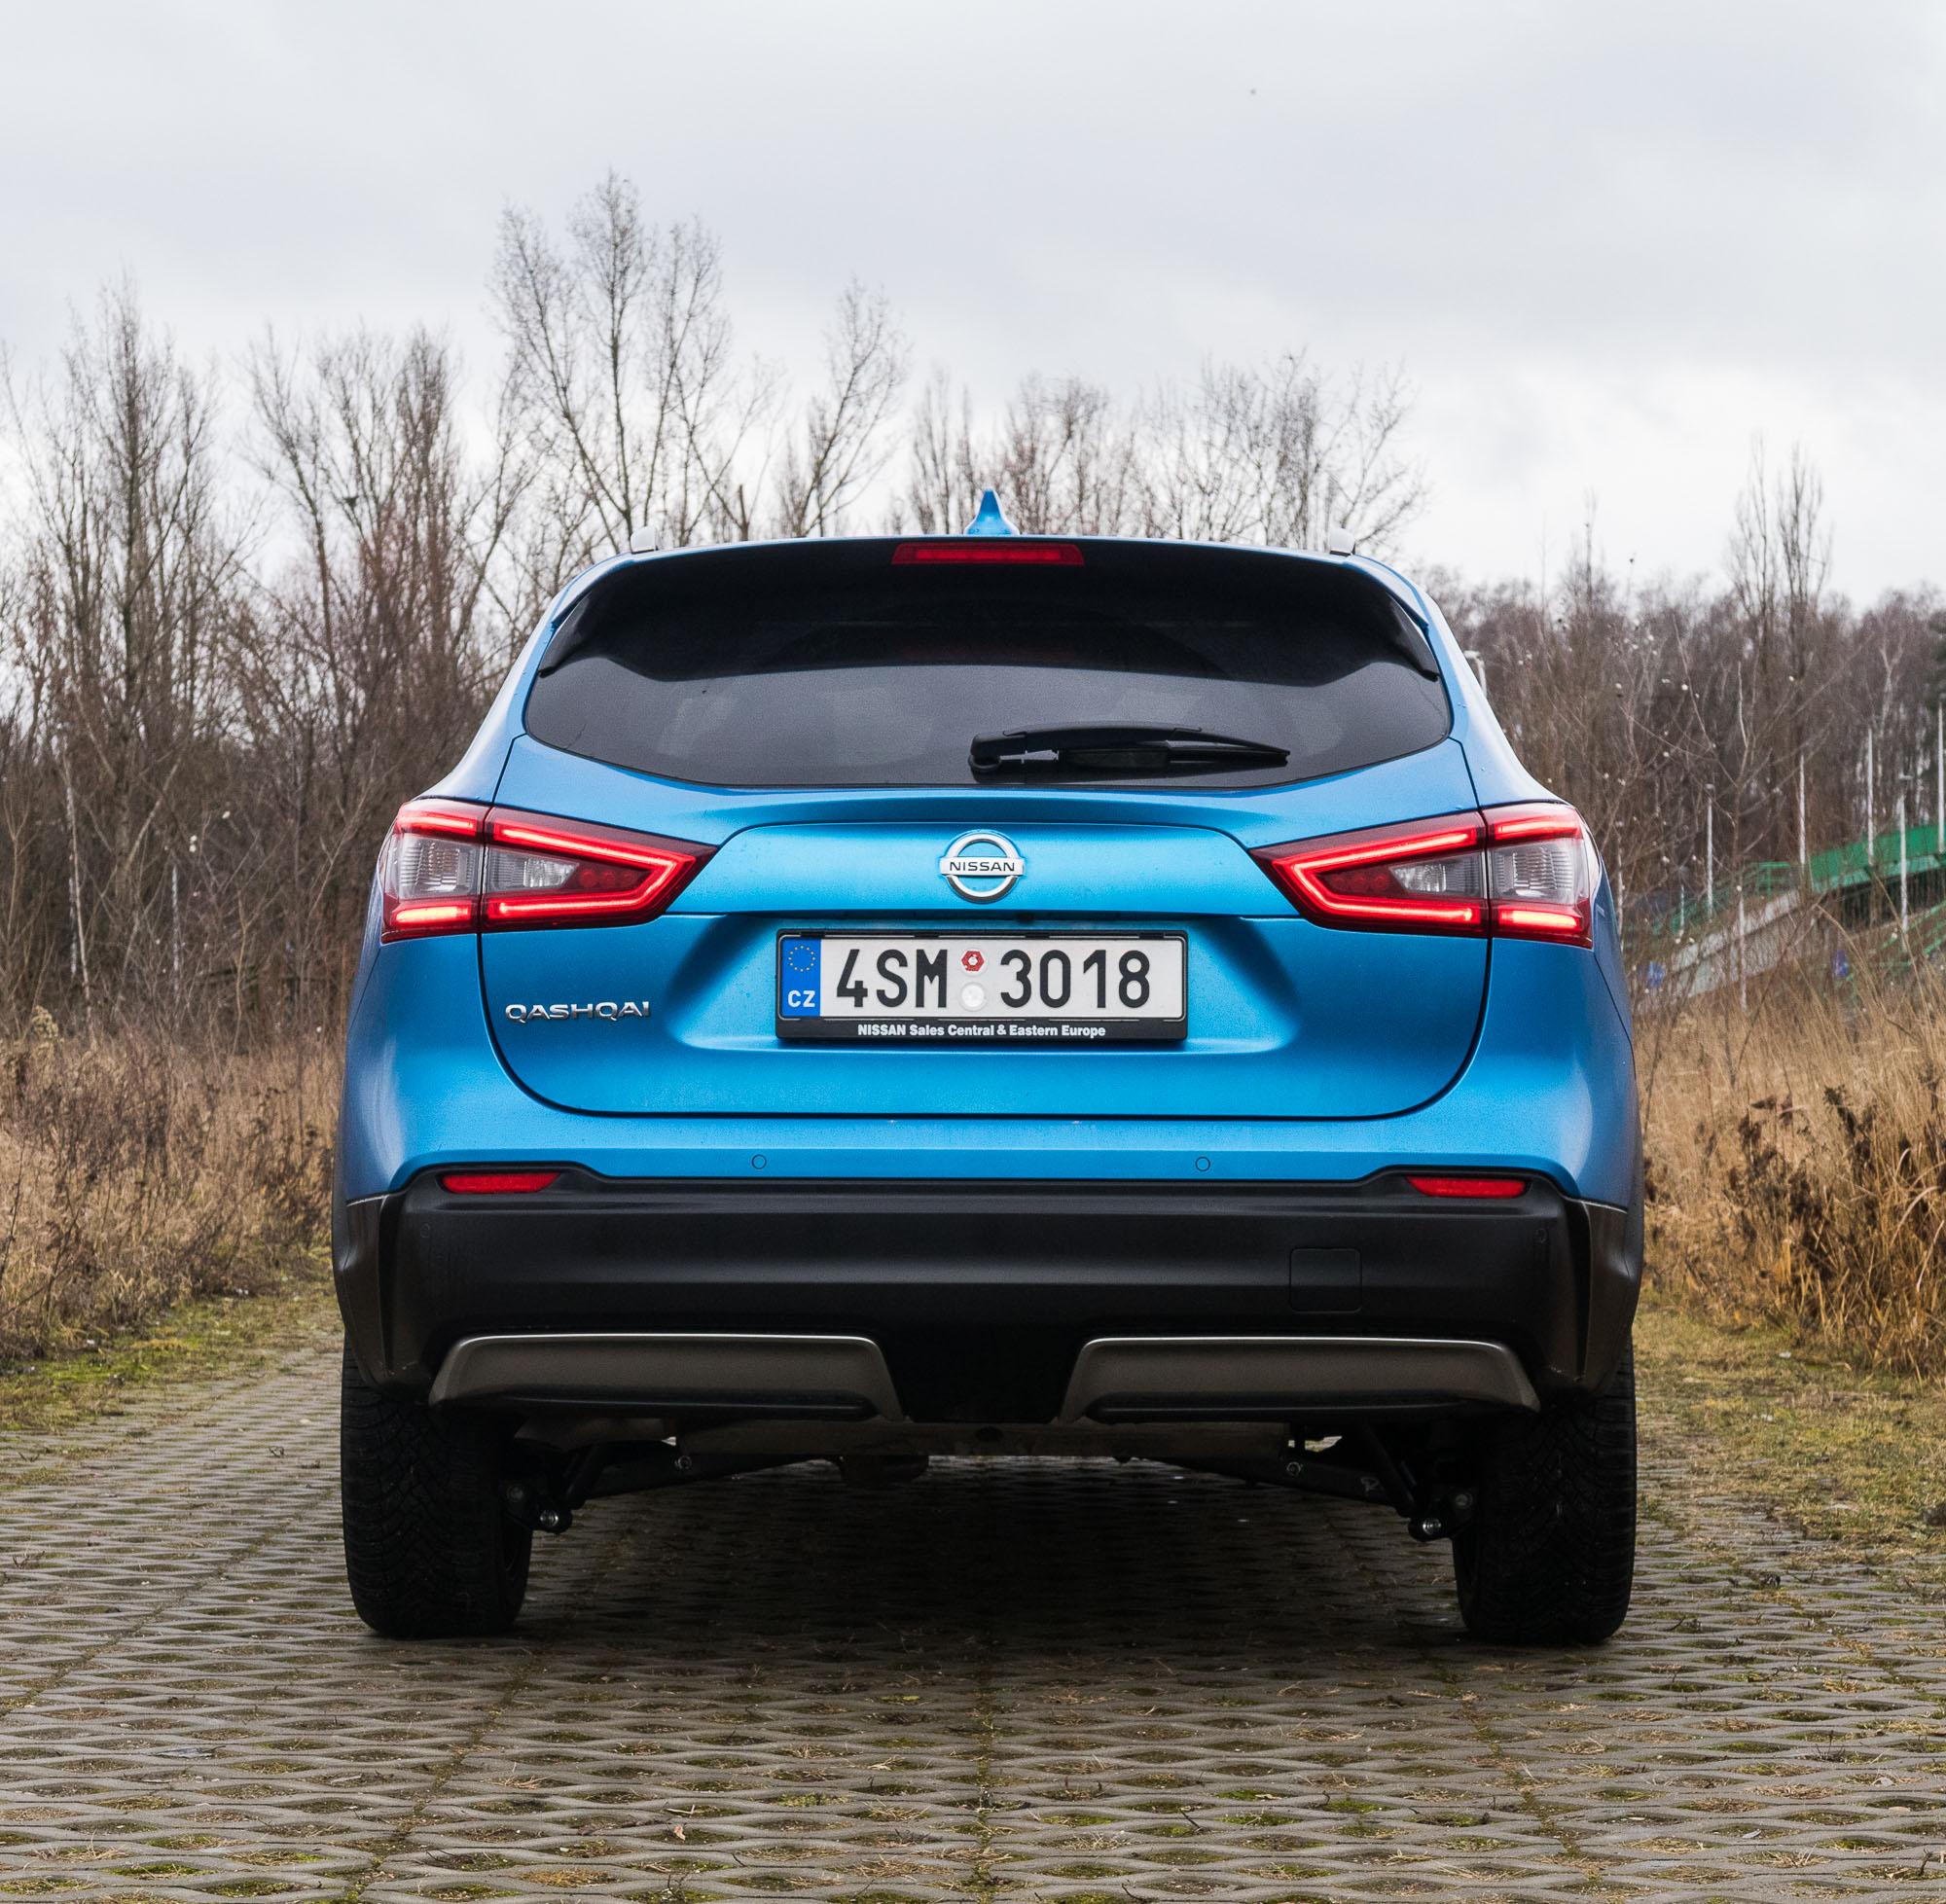 Nissan Qashqai 2019 test